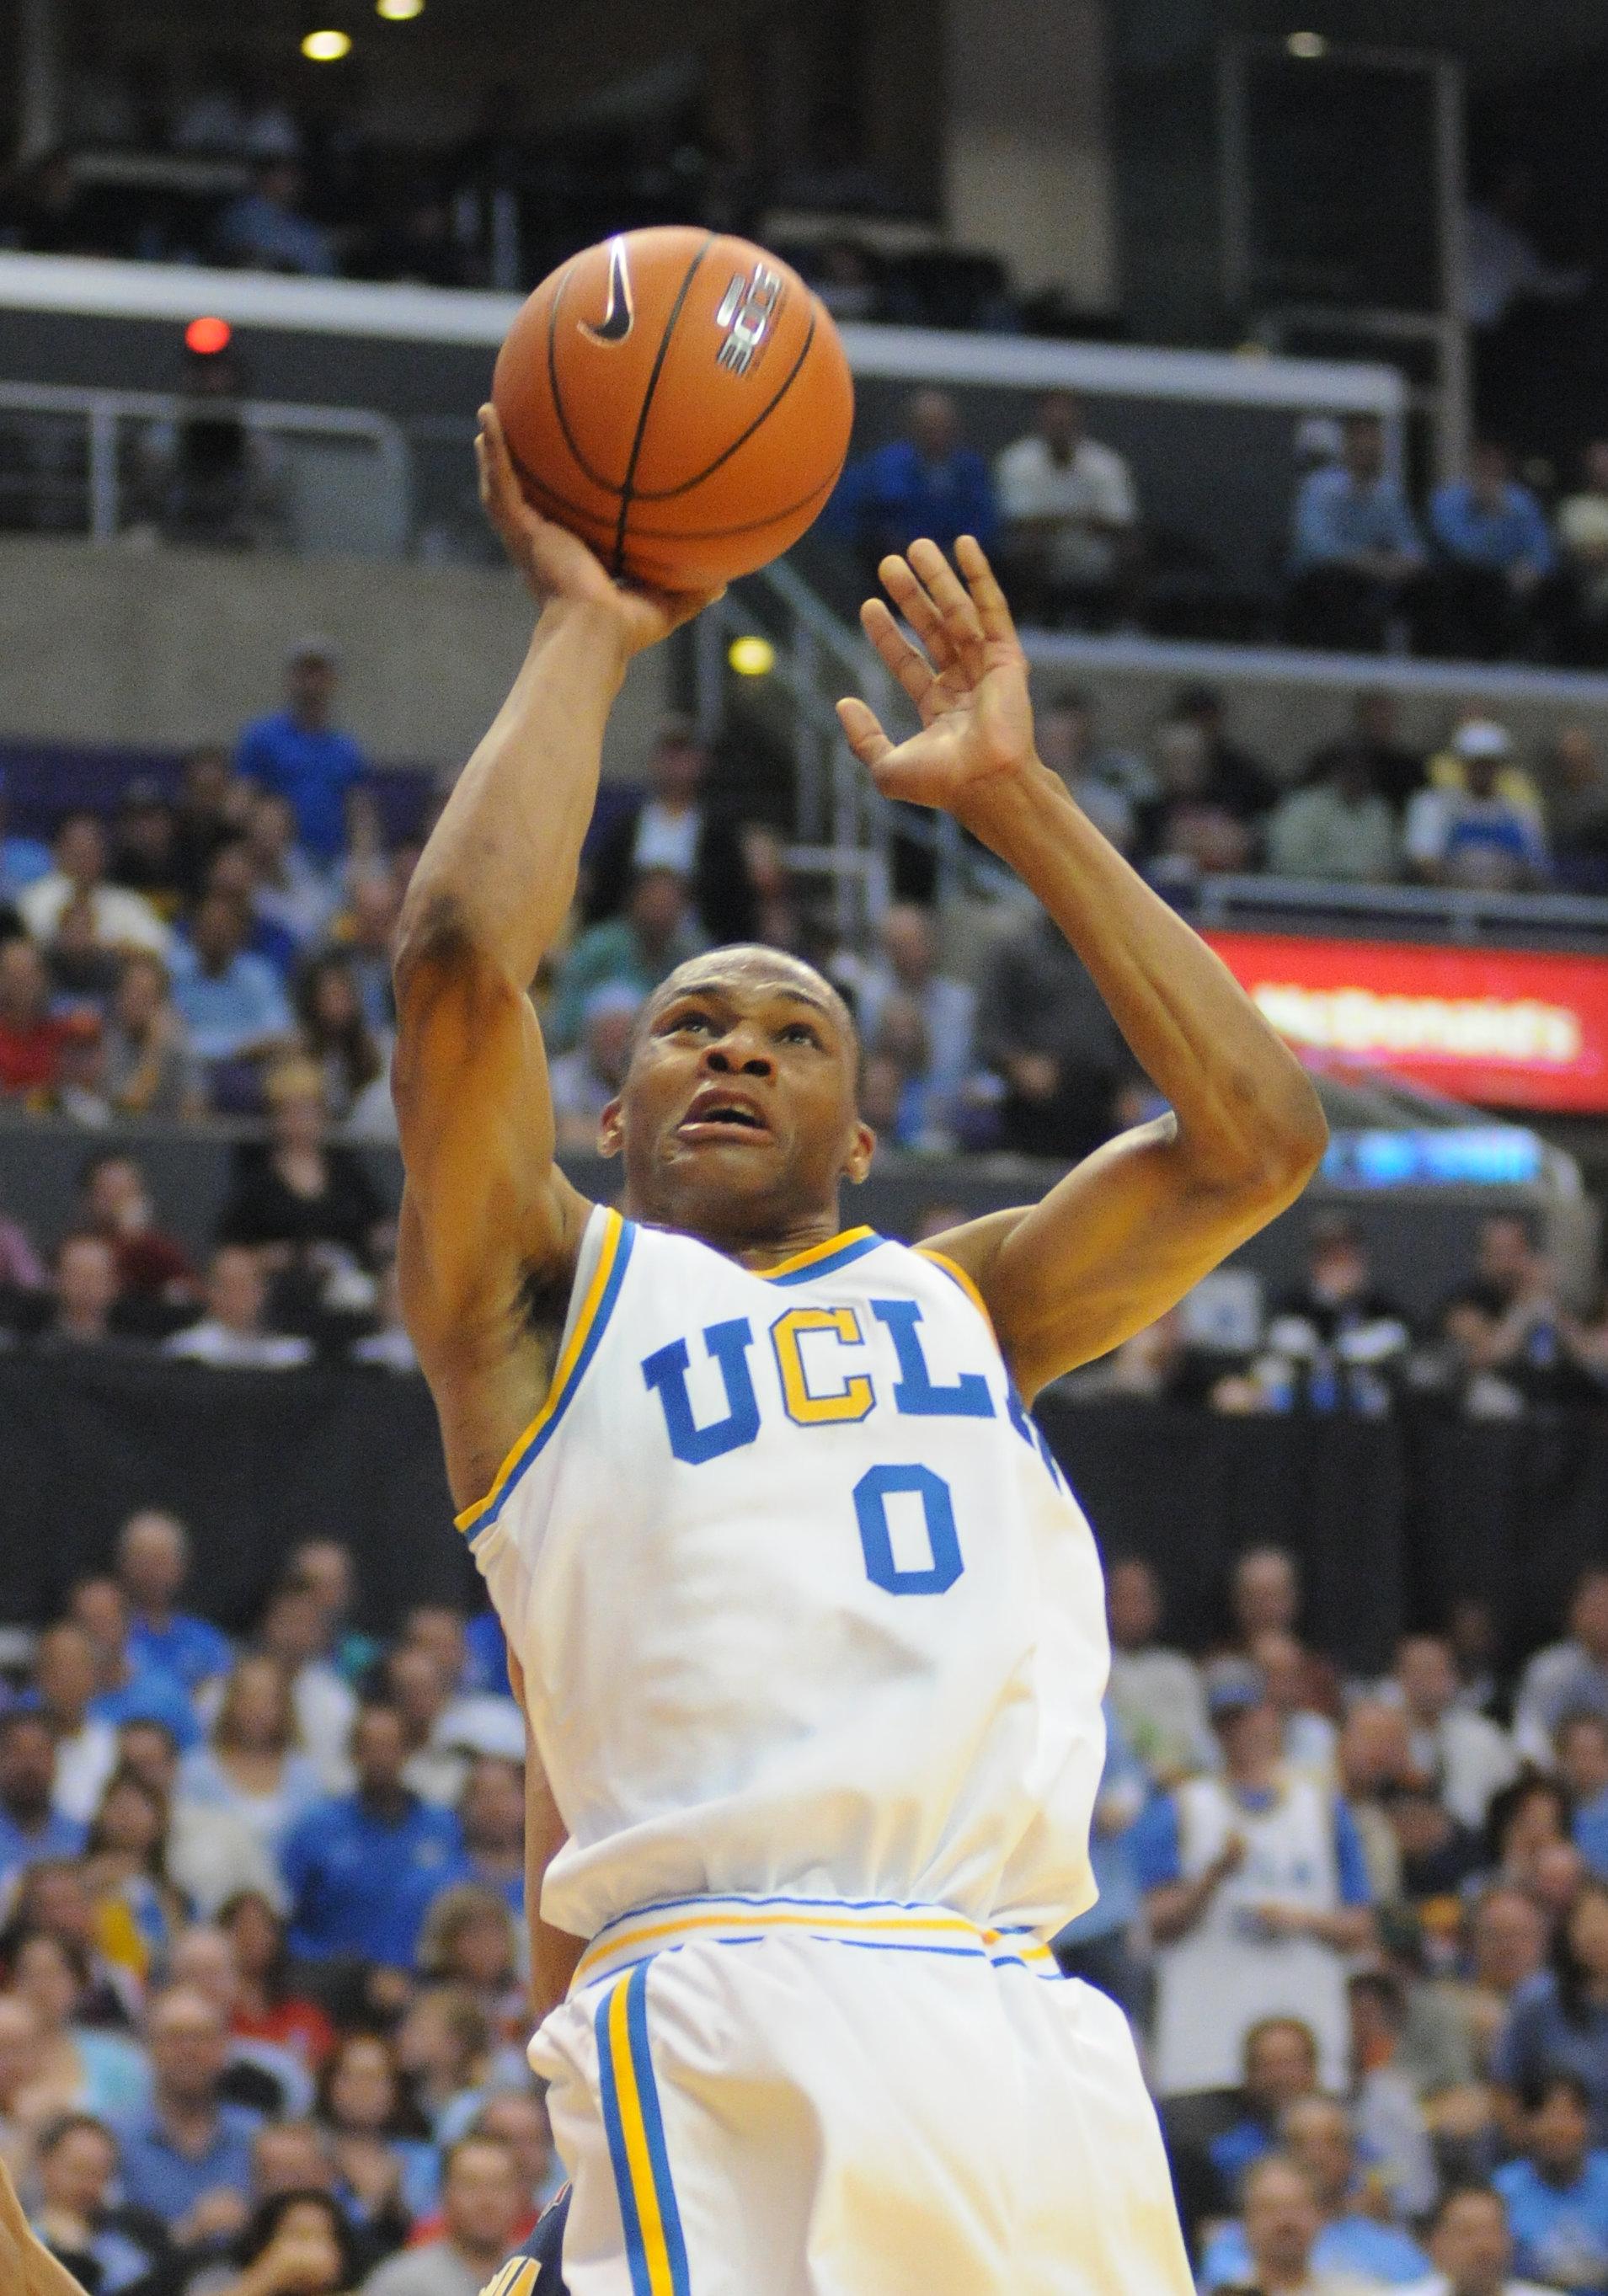 NCAA BASKETBALL: MAR 13 Pac-10 Tournament - Cal v UCLA